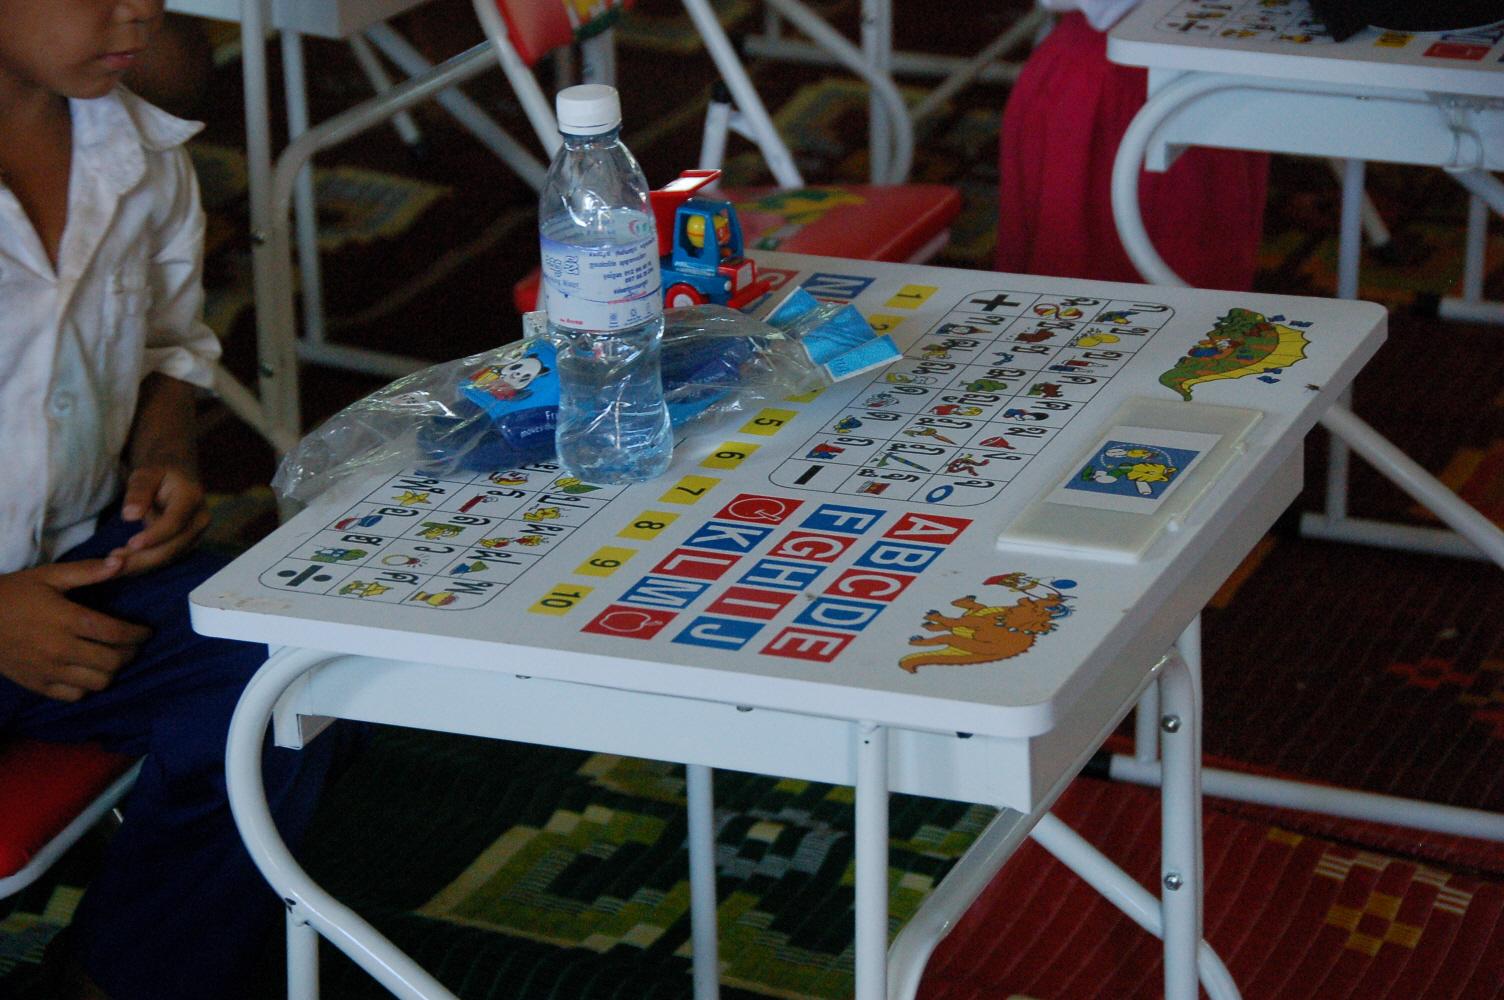 16.유치원 책상에 숫자와 알파벳 등이 인쇄돼 있다..JPG